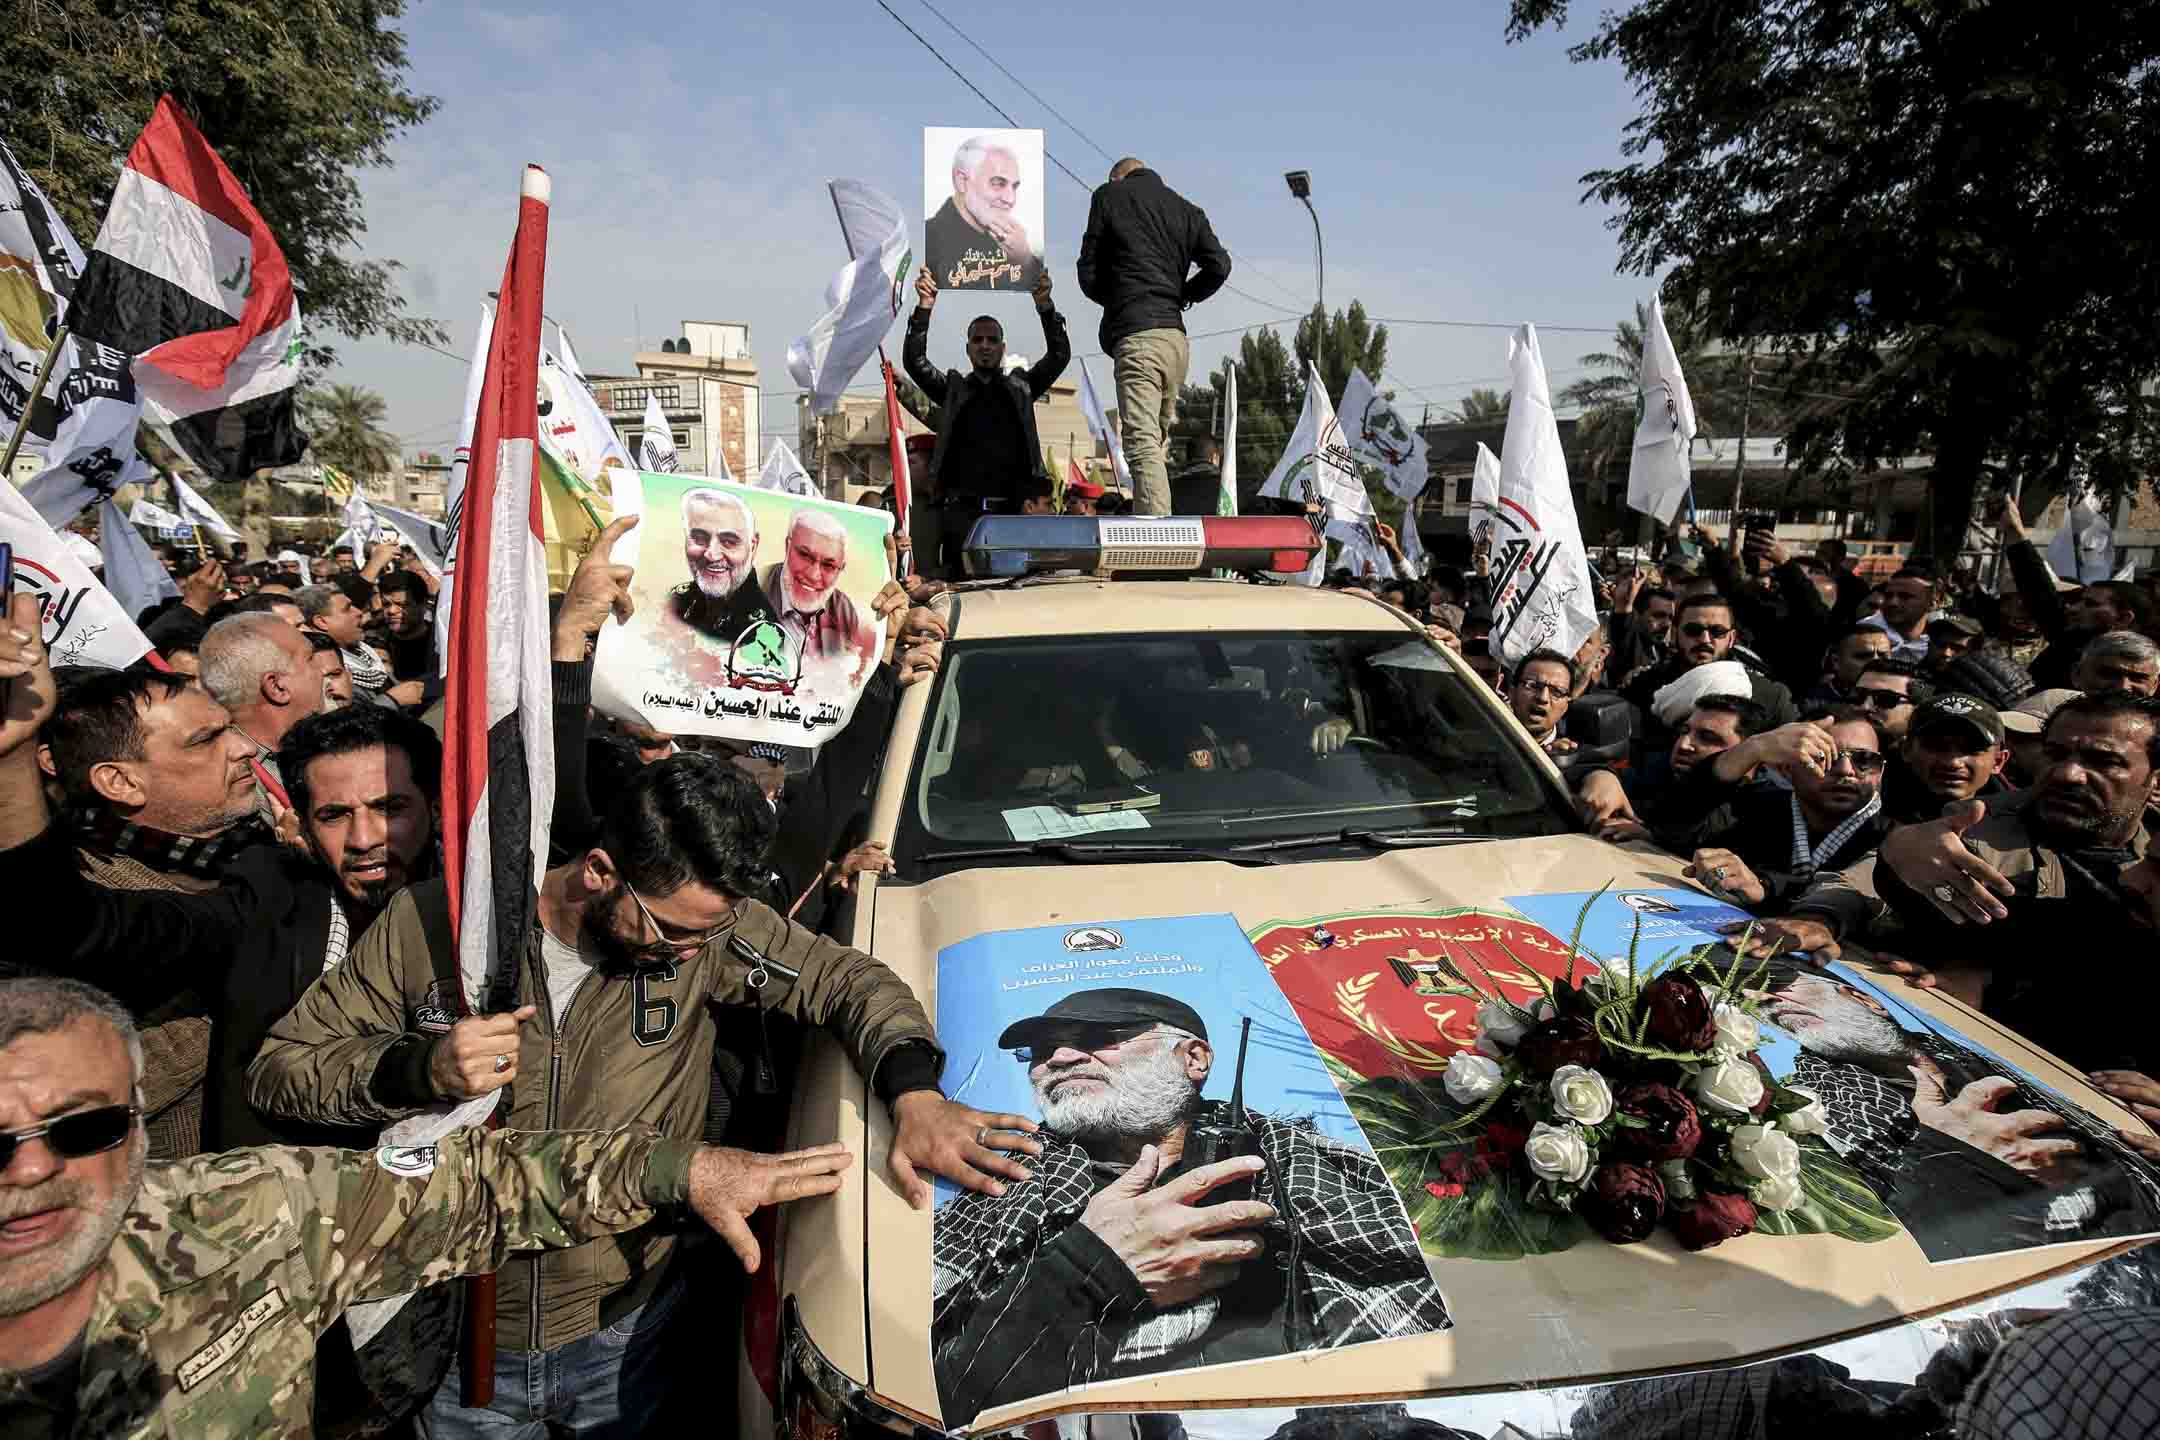 2020年1月4日,伊朗革命衛隊聖城軍指揮官蘇萊曼尼(Qassem Soleimani)的葬禮,送葬者在隊伍中圍著一輛載有遺體棺木的汽車。 攝: Ahmad Al-Rubaye/AFP via Getty Images